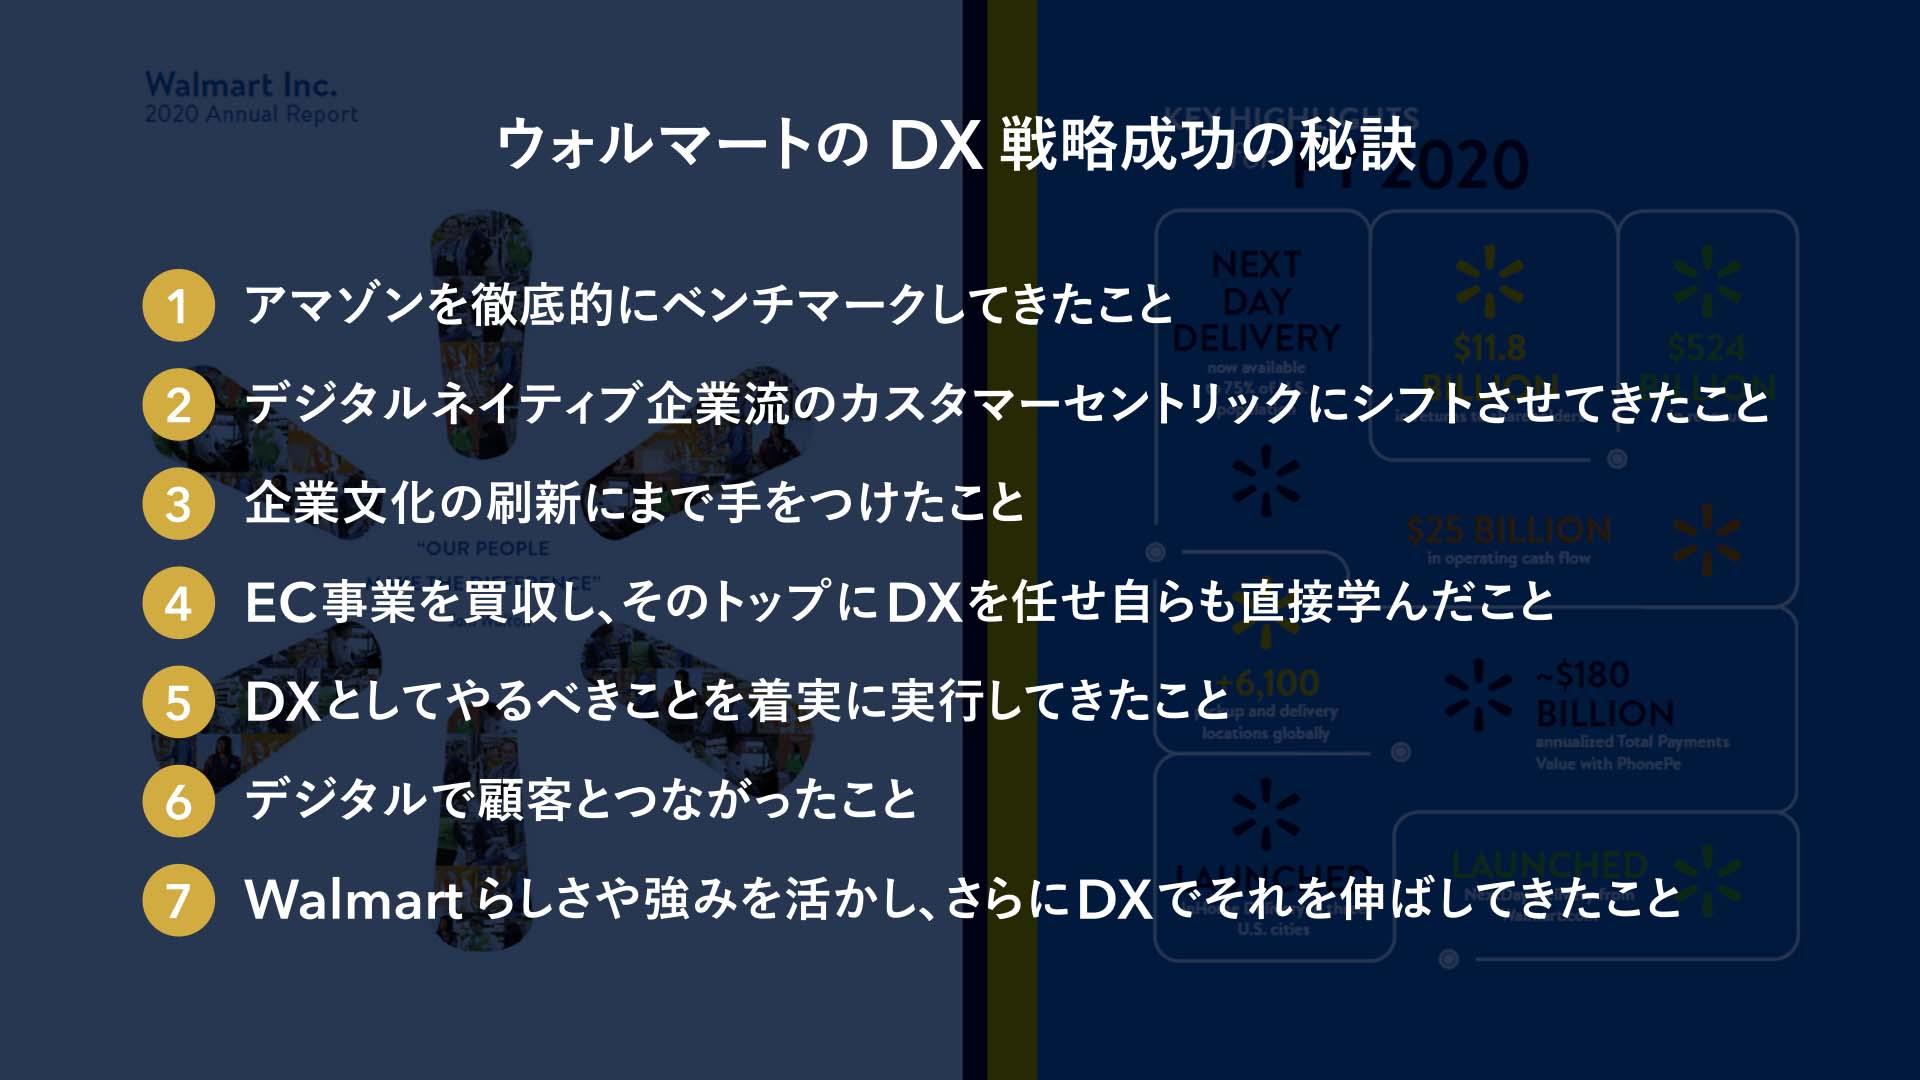 ウォルマートのDX戦略成功の秘訣